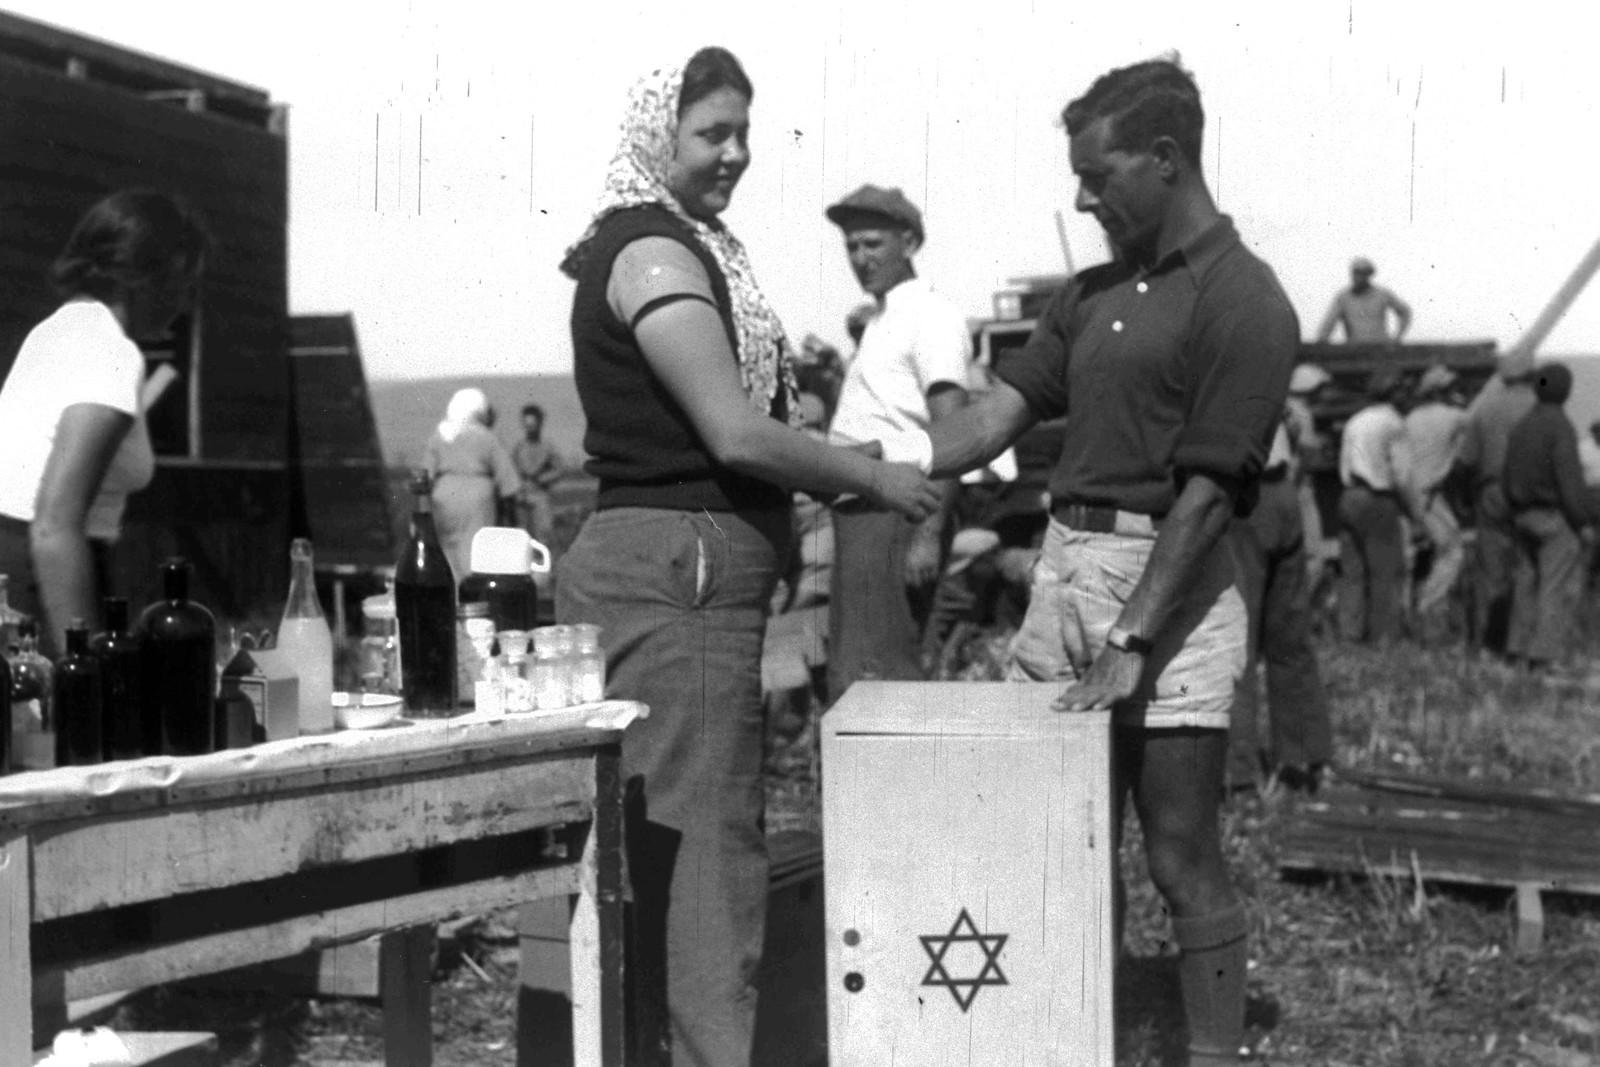 1937. Основание кибуца Шаар-ха-Голан. Пионеры выгружают аппараты первой помощи